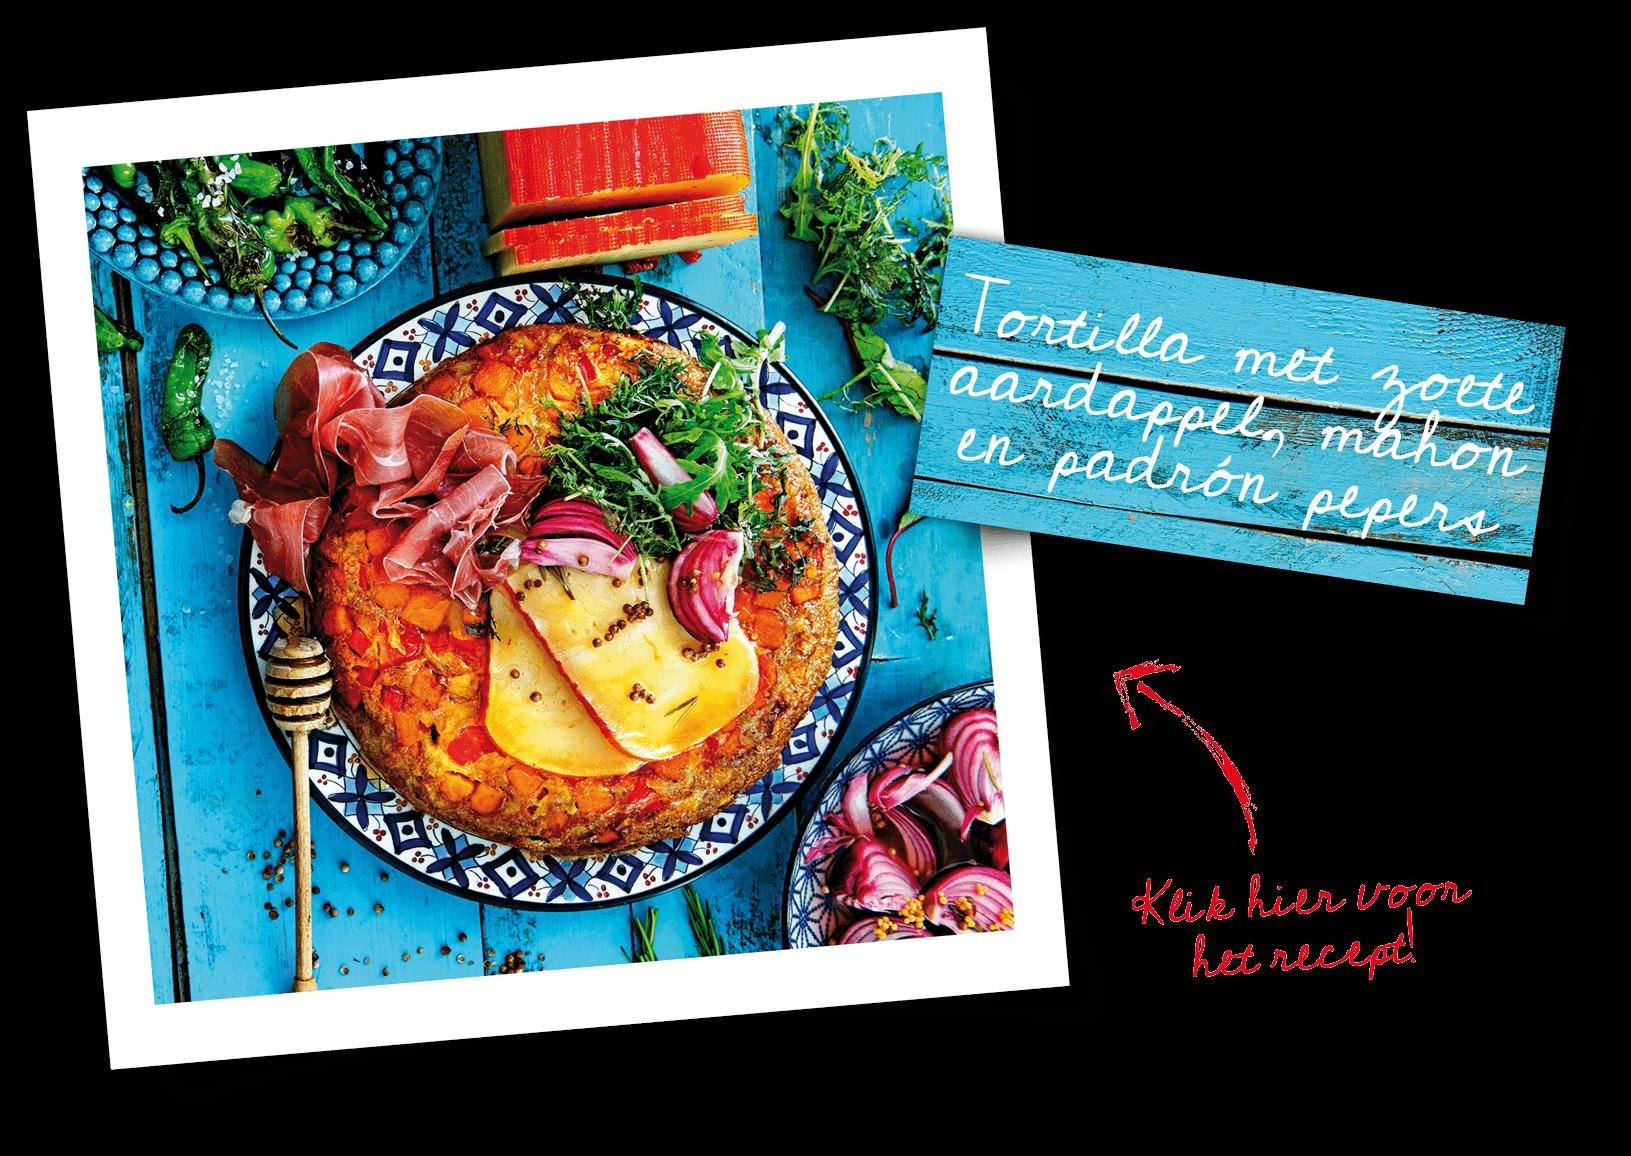 Gratis Aviko kookboek naar keuze t.w.v. € 24.95!